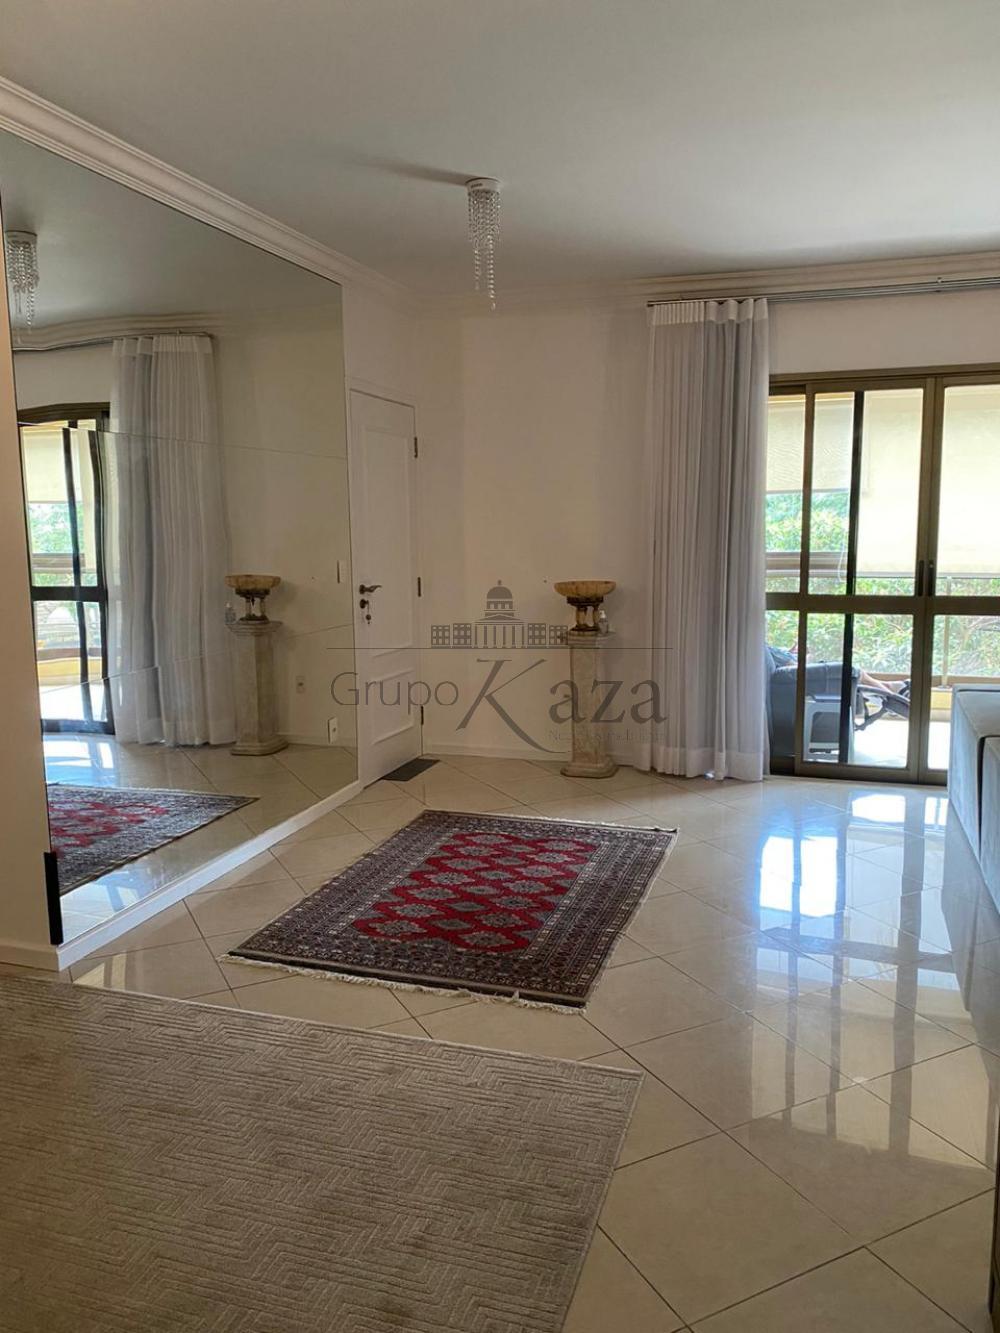 alt='Comprar Apartamento / Padrão em São José dos Campos R$ 930.000,00 - Foto 2' title='Comprar Apartamento / Padrão em São José dos Campos R$ 930.000,00 - Foto 2'